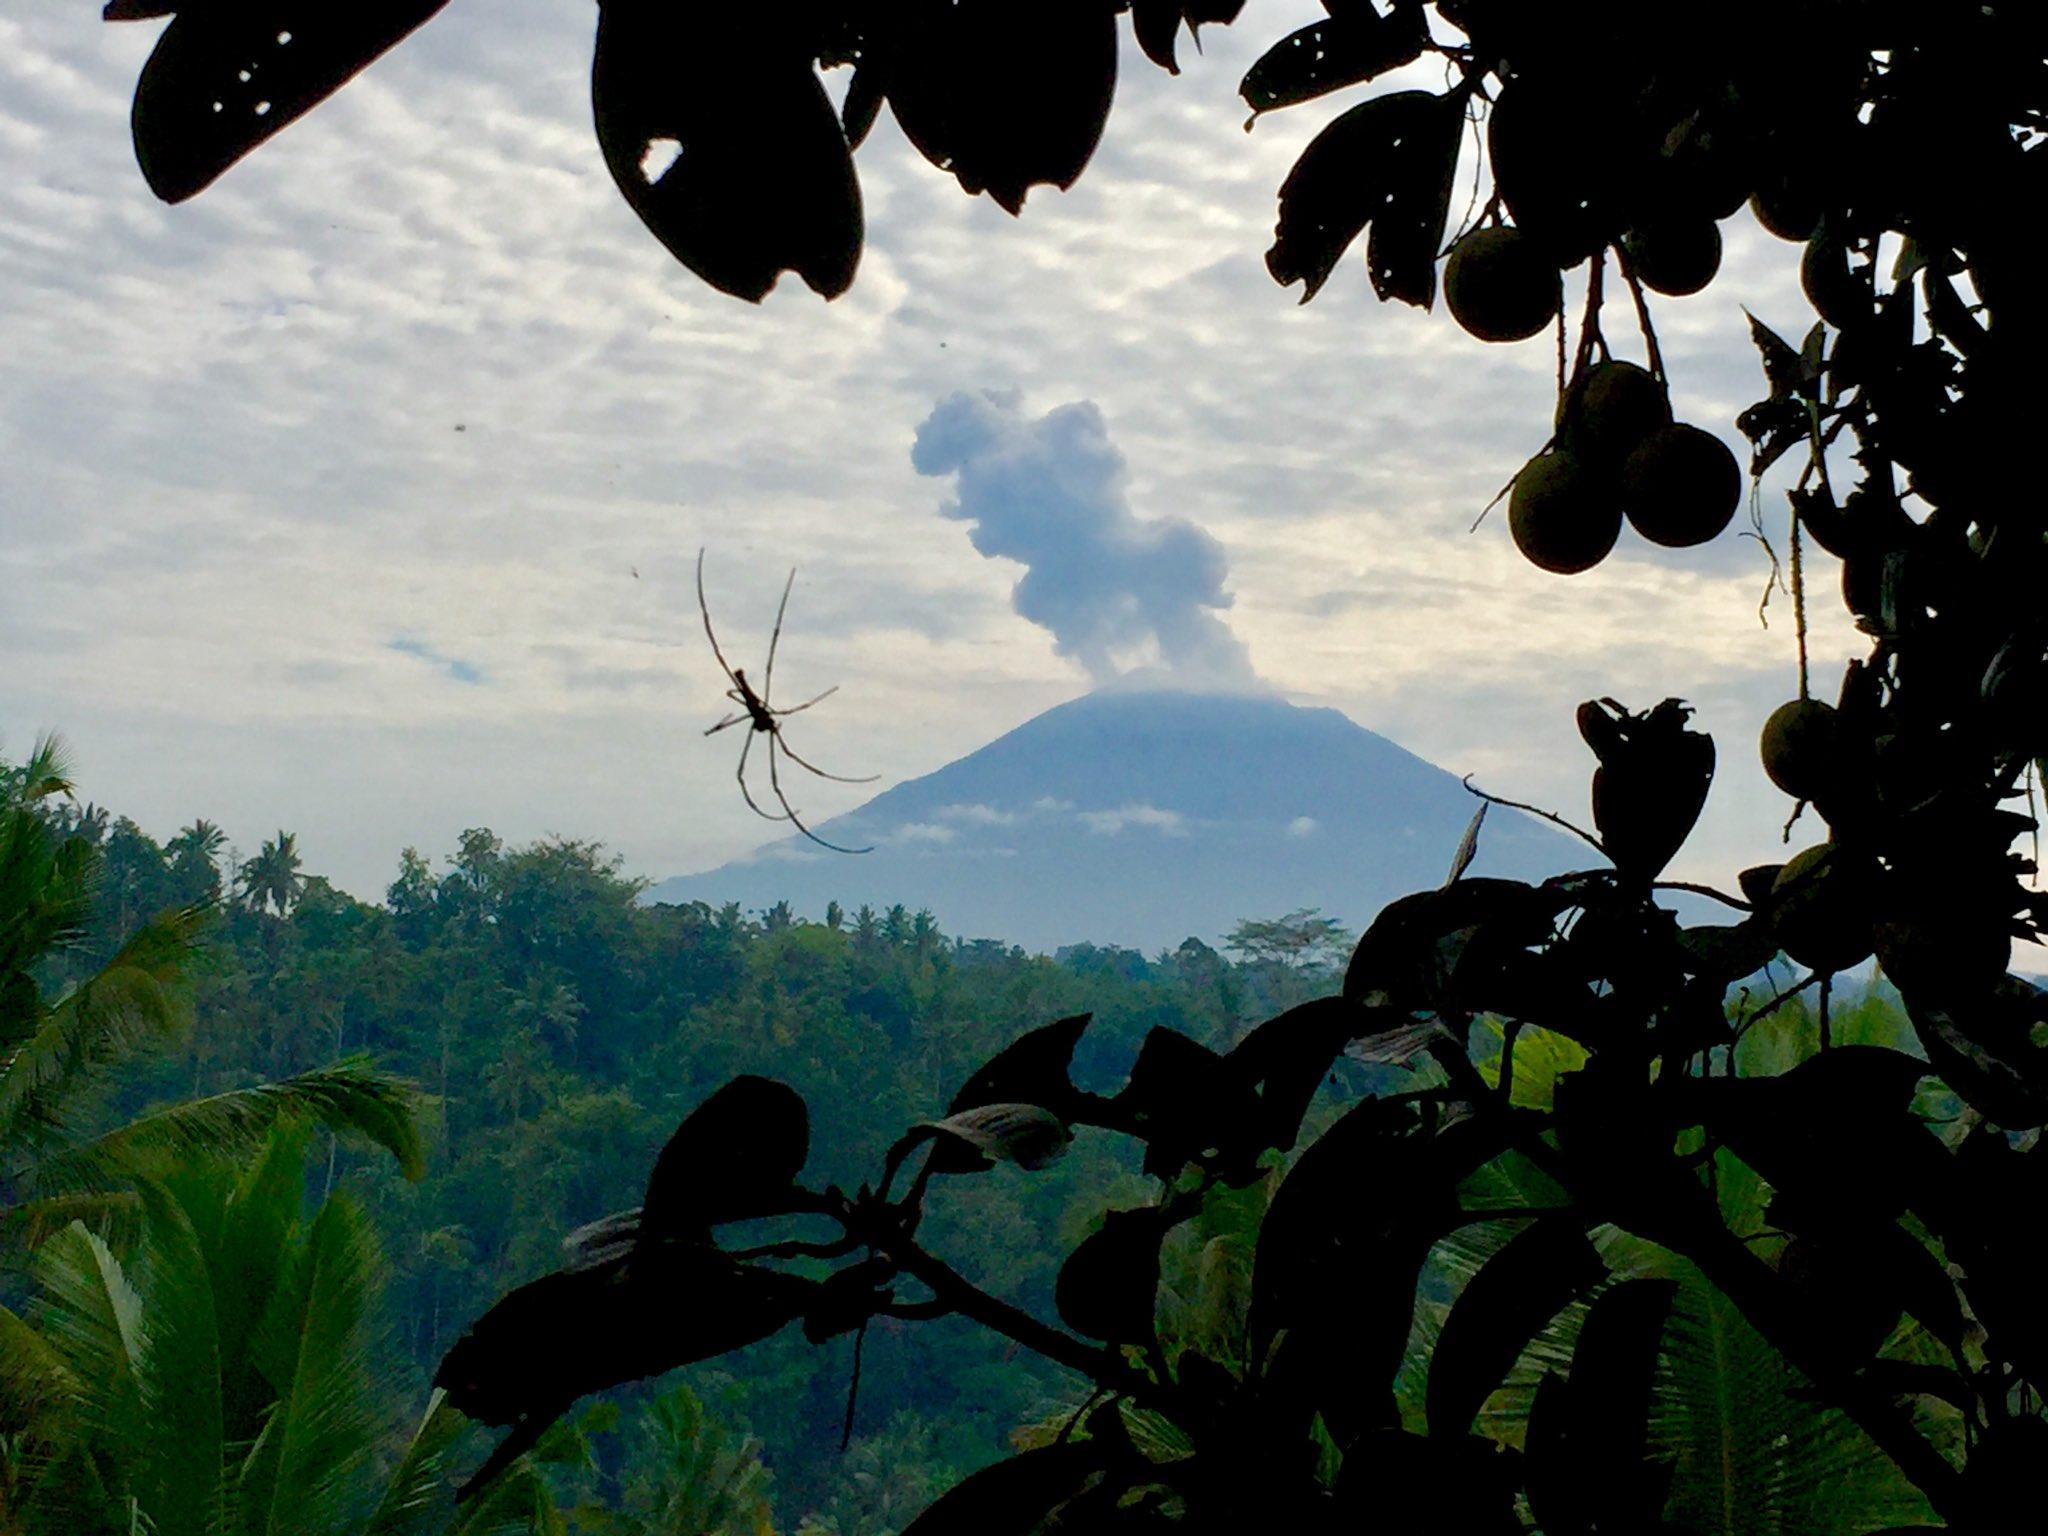 Mt Agung 8 dec 2017